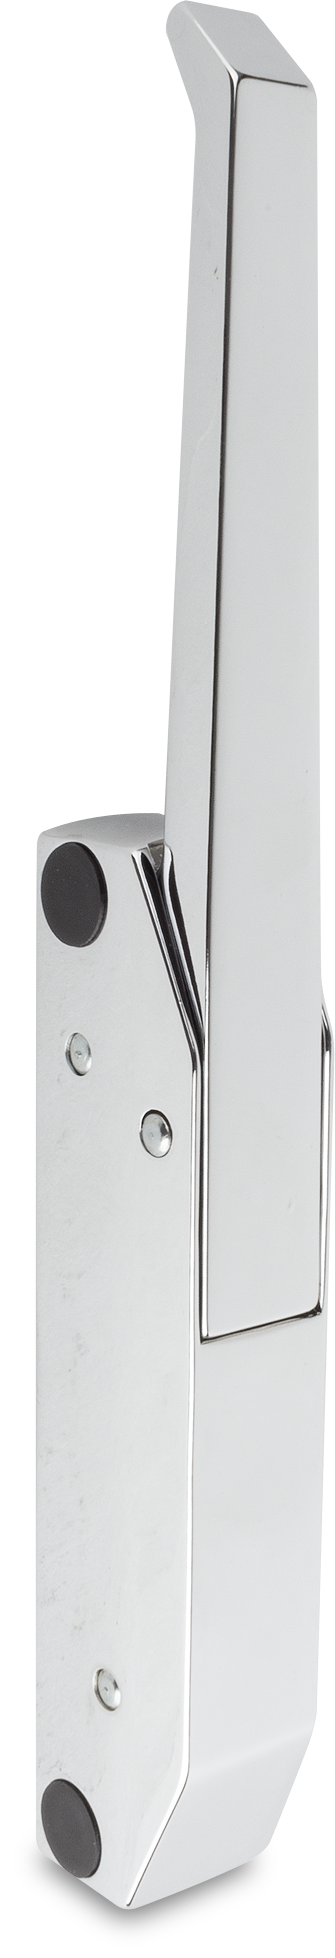 Türverschluss Zink-Druckguss, verchromt, rechts und links verwendbar, ohne Zylinder, seitliche Montage